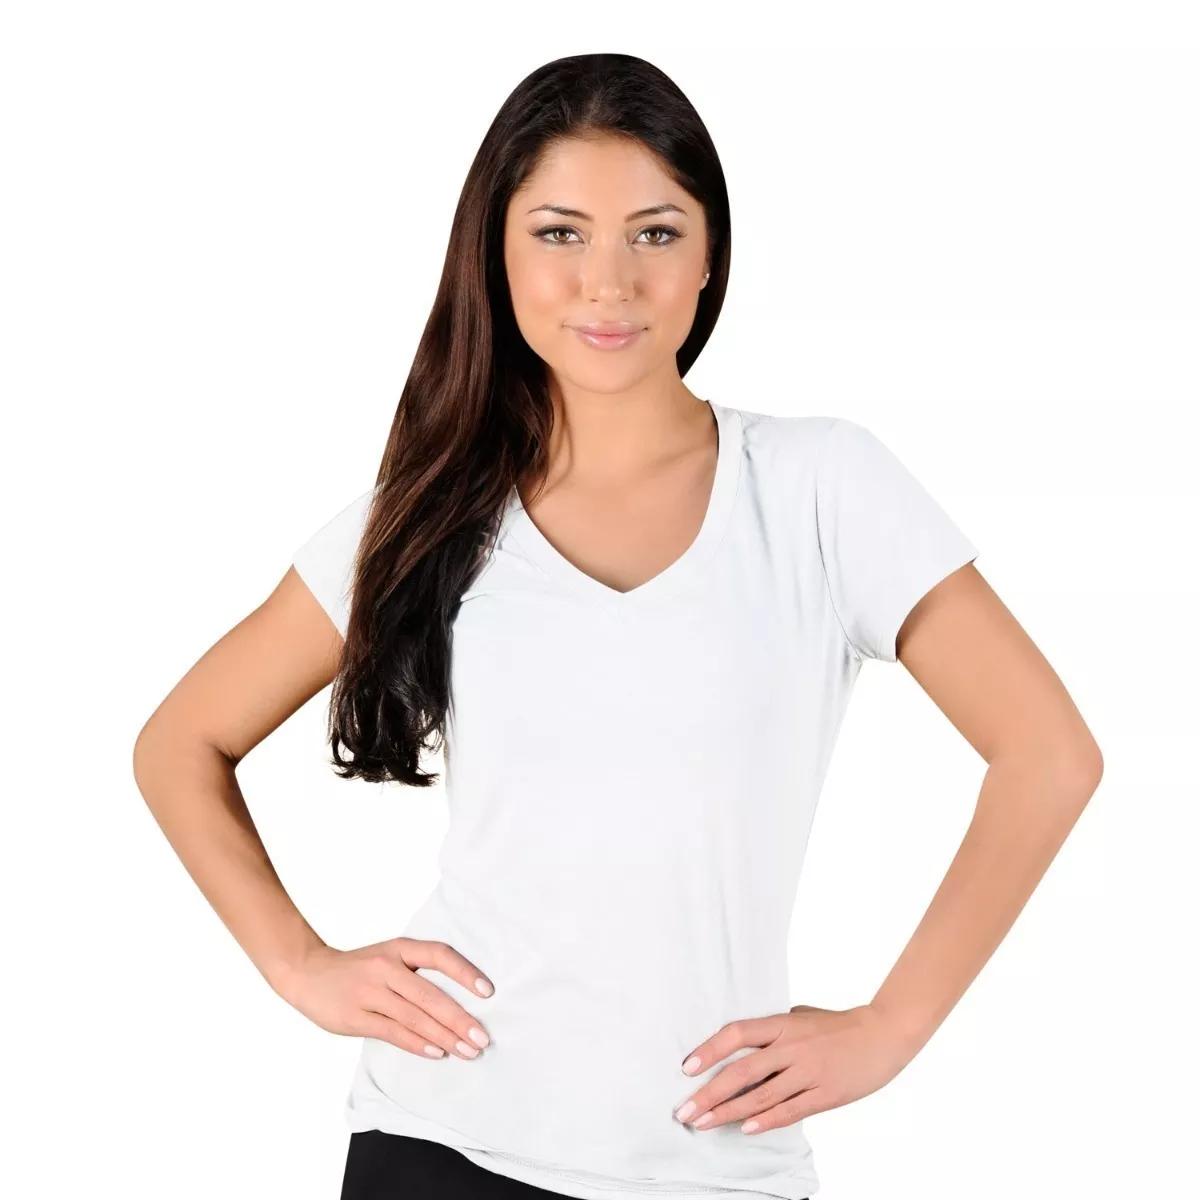 724a3ee400 Camiseta Feminina Gola V Algodão Sem Estampa Fio 30.1 Branca no Elo7 ...